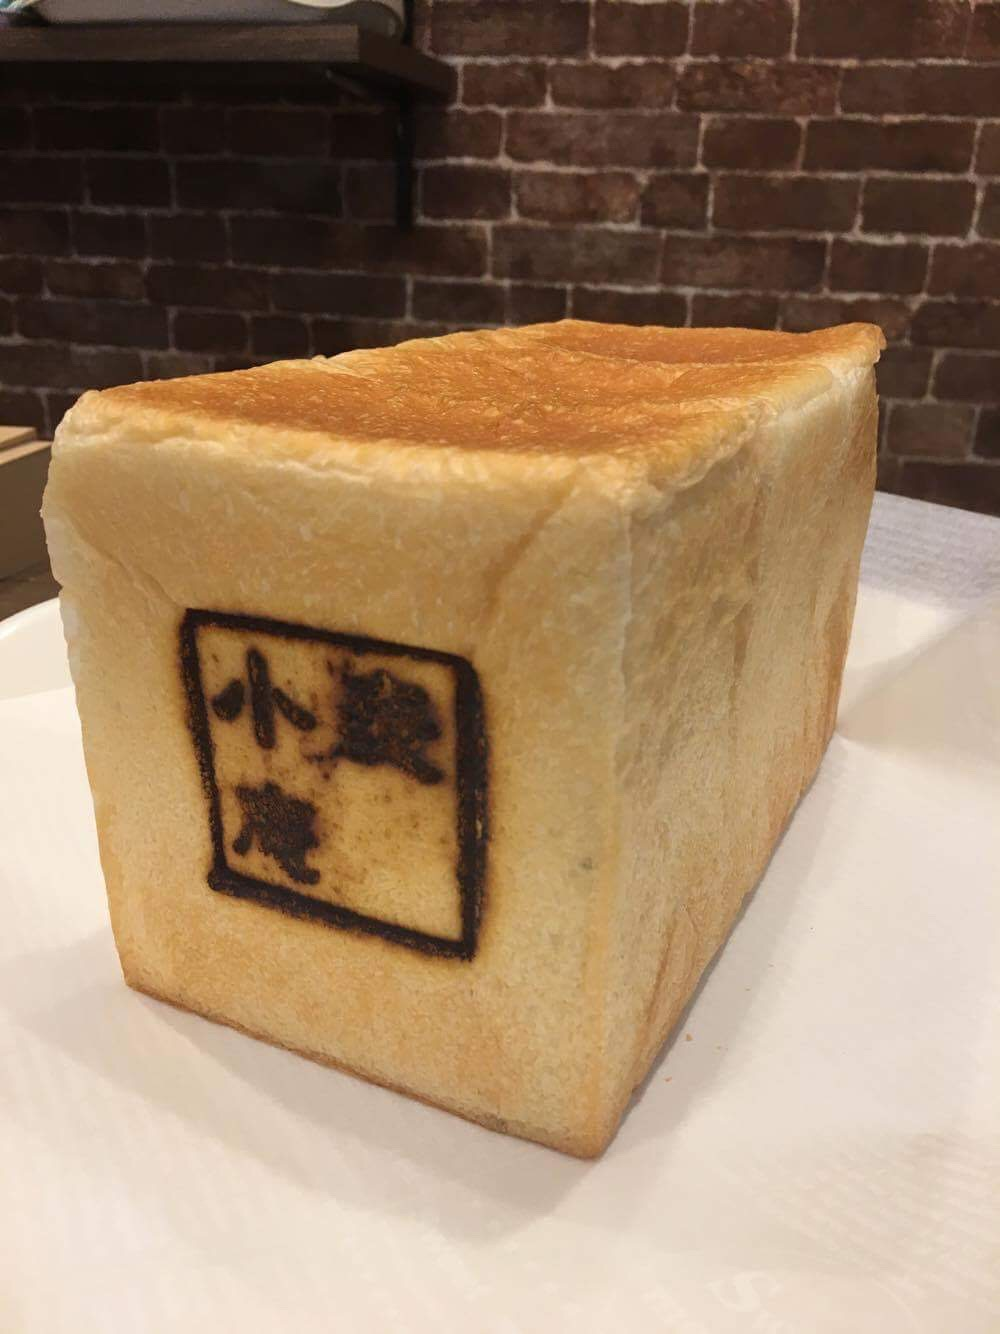 ケンミンショーの高級食パン極は神戸垂水で一本4320円!小麦庵の通販情報や店舗アクセスに駐車場は?